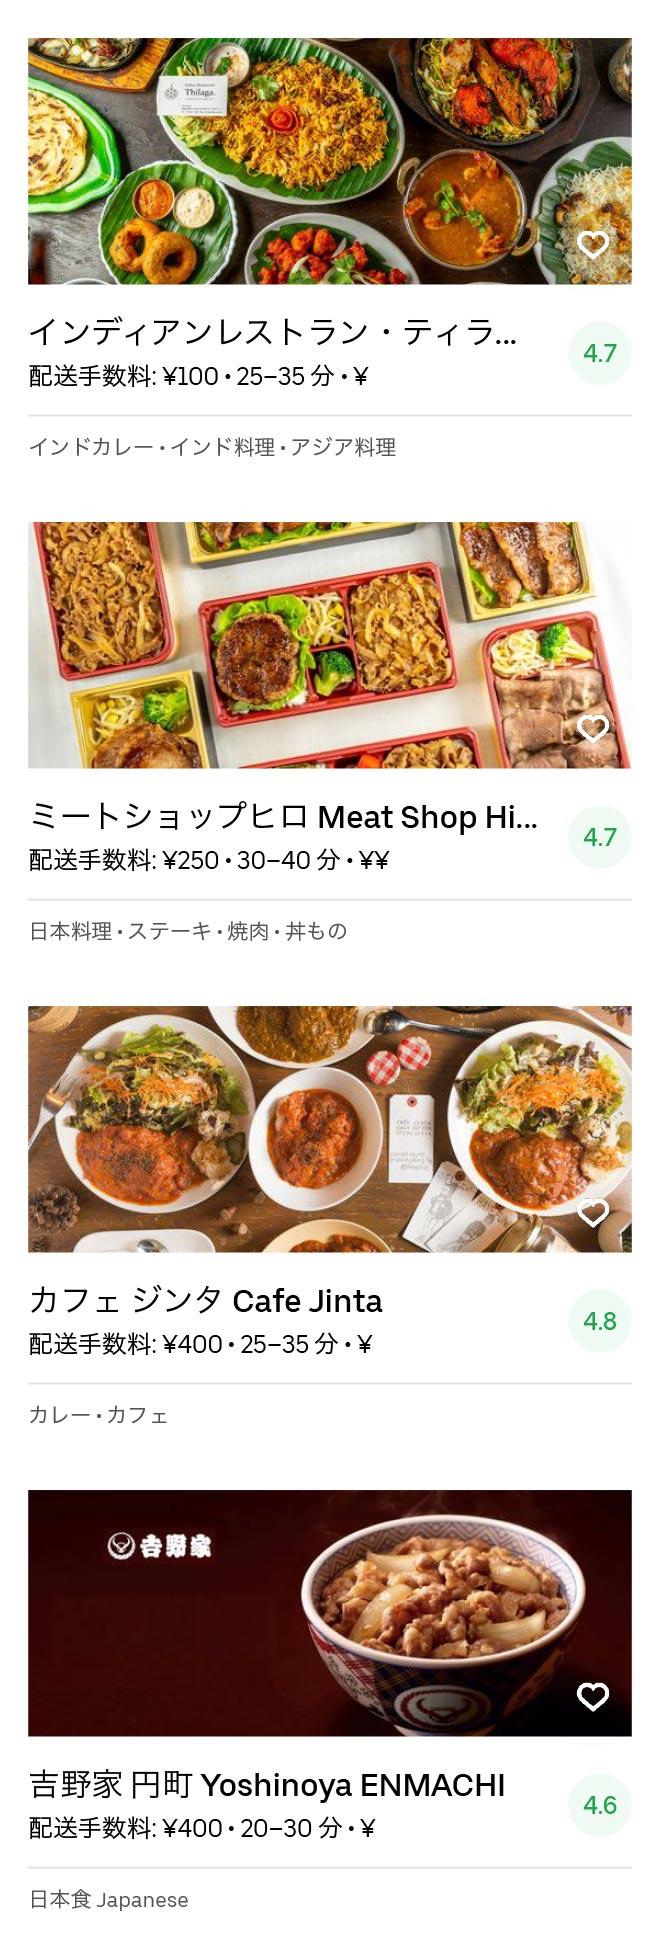 Kyoto nishioji menu 2005 09